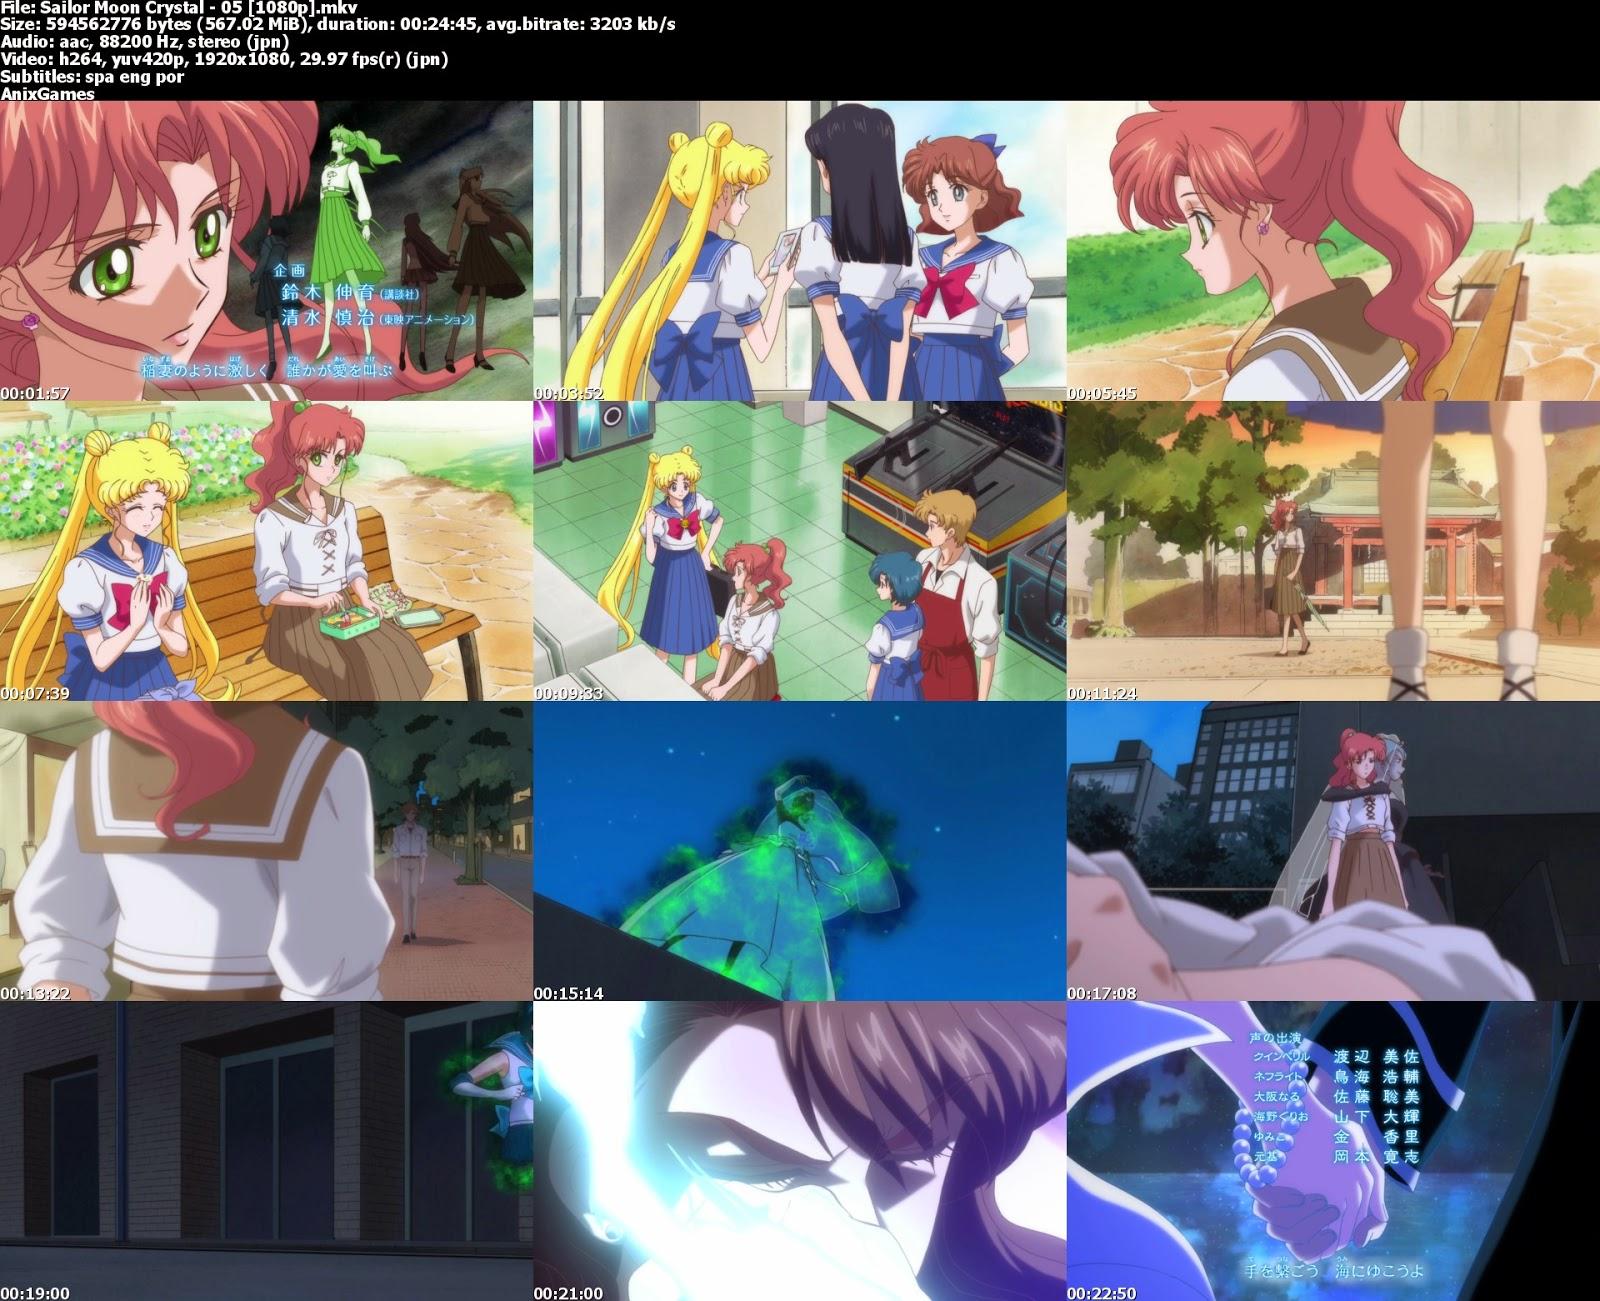 http://3.bp.blogspot.com/-YSTZOx59iIU/VAtFW8EaMkI/AAAAAAAAAkA/r4ykDTvs1w0/s1600/Sailor%2BMoon%2BCrystal%2B-%2B05%2B%5B1080p%5D_s.jpg